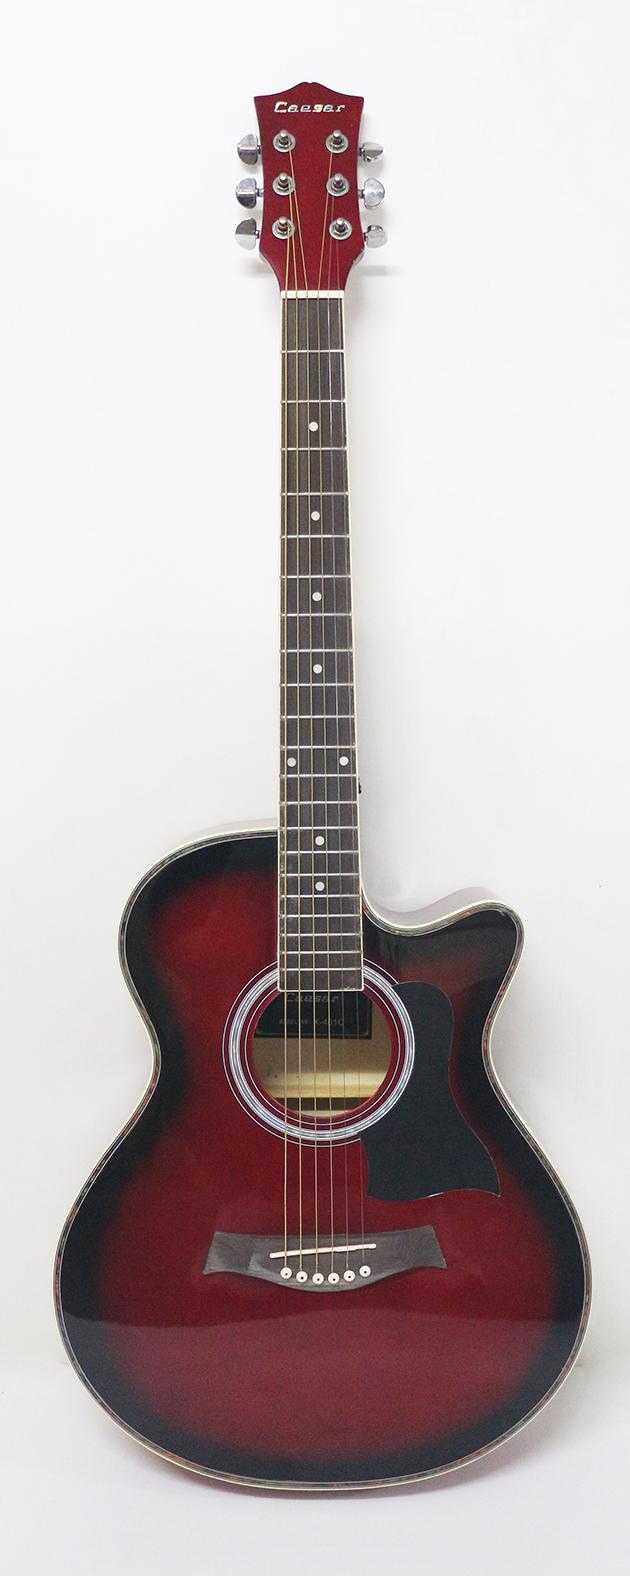 AGX401C-39吋民謠吉他缺角-亮光 (貝殼鑲邊/背中線) 原木色/黑色/雙色/藍色 定價3000 5